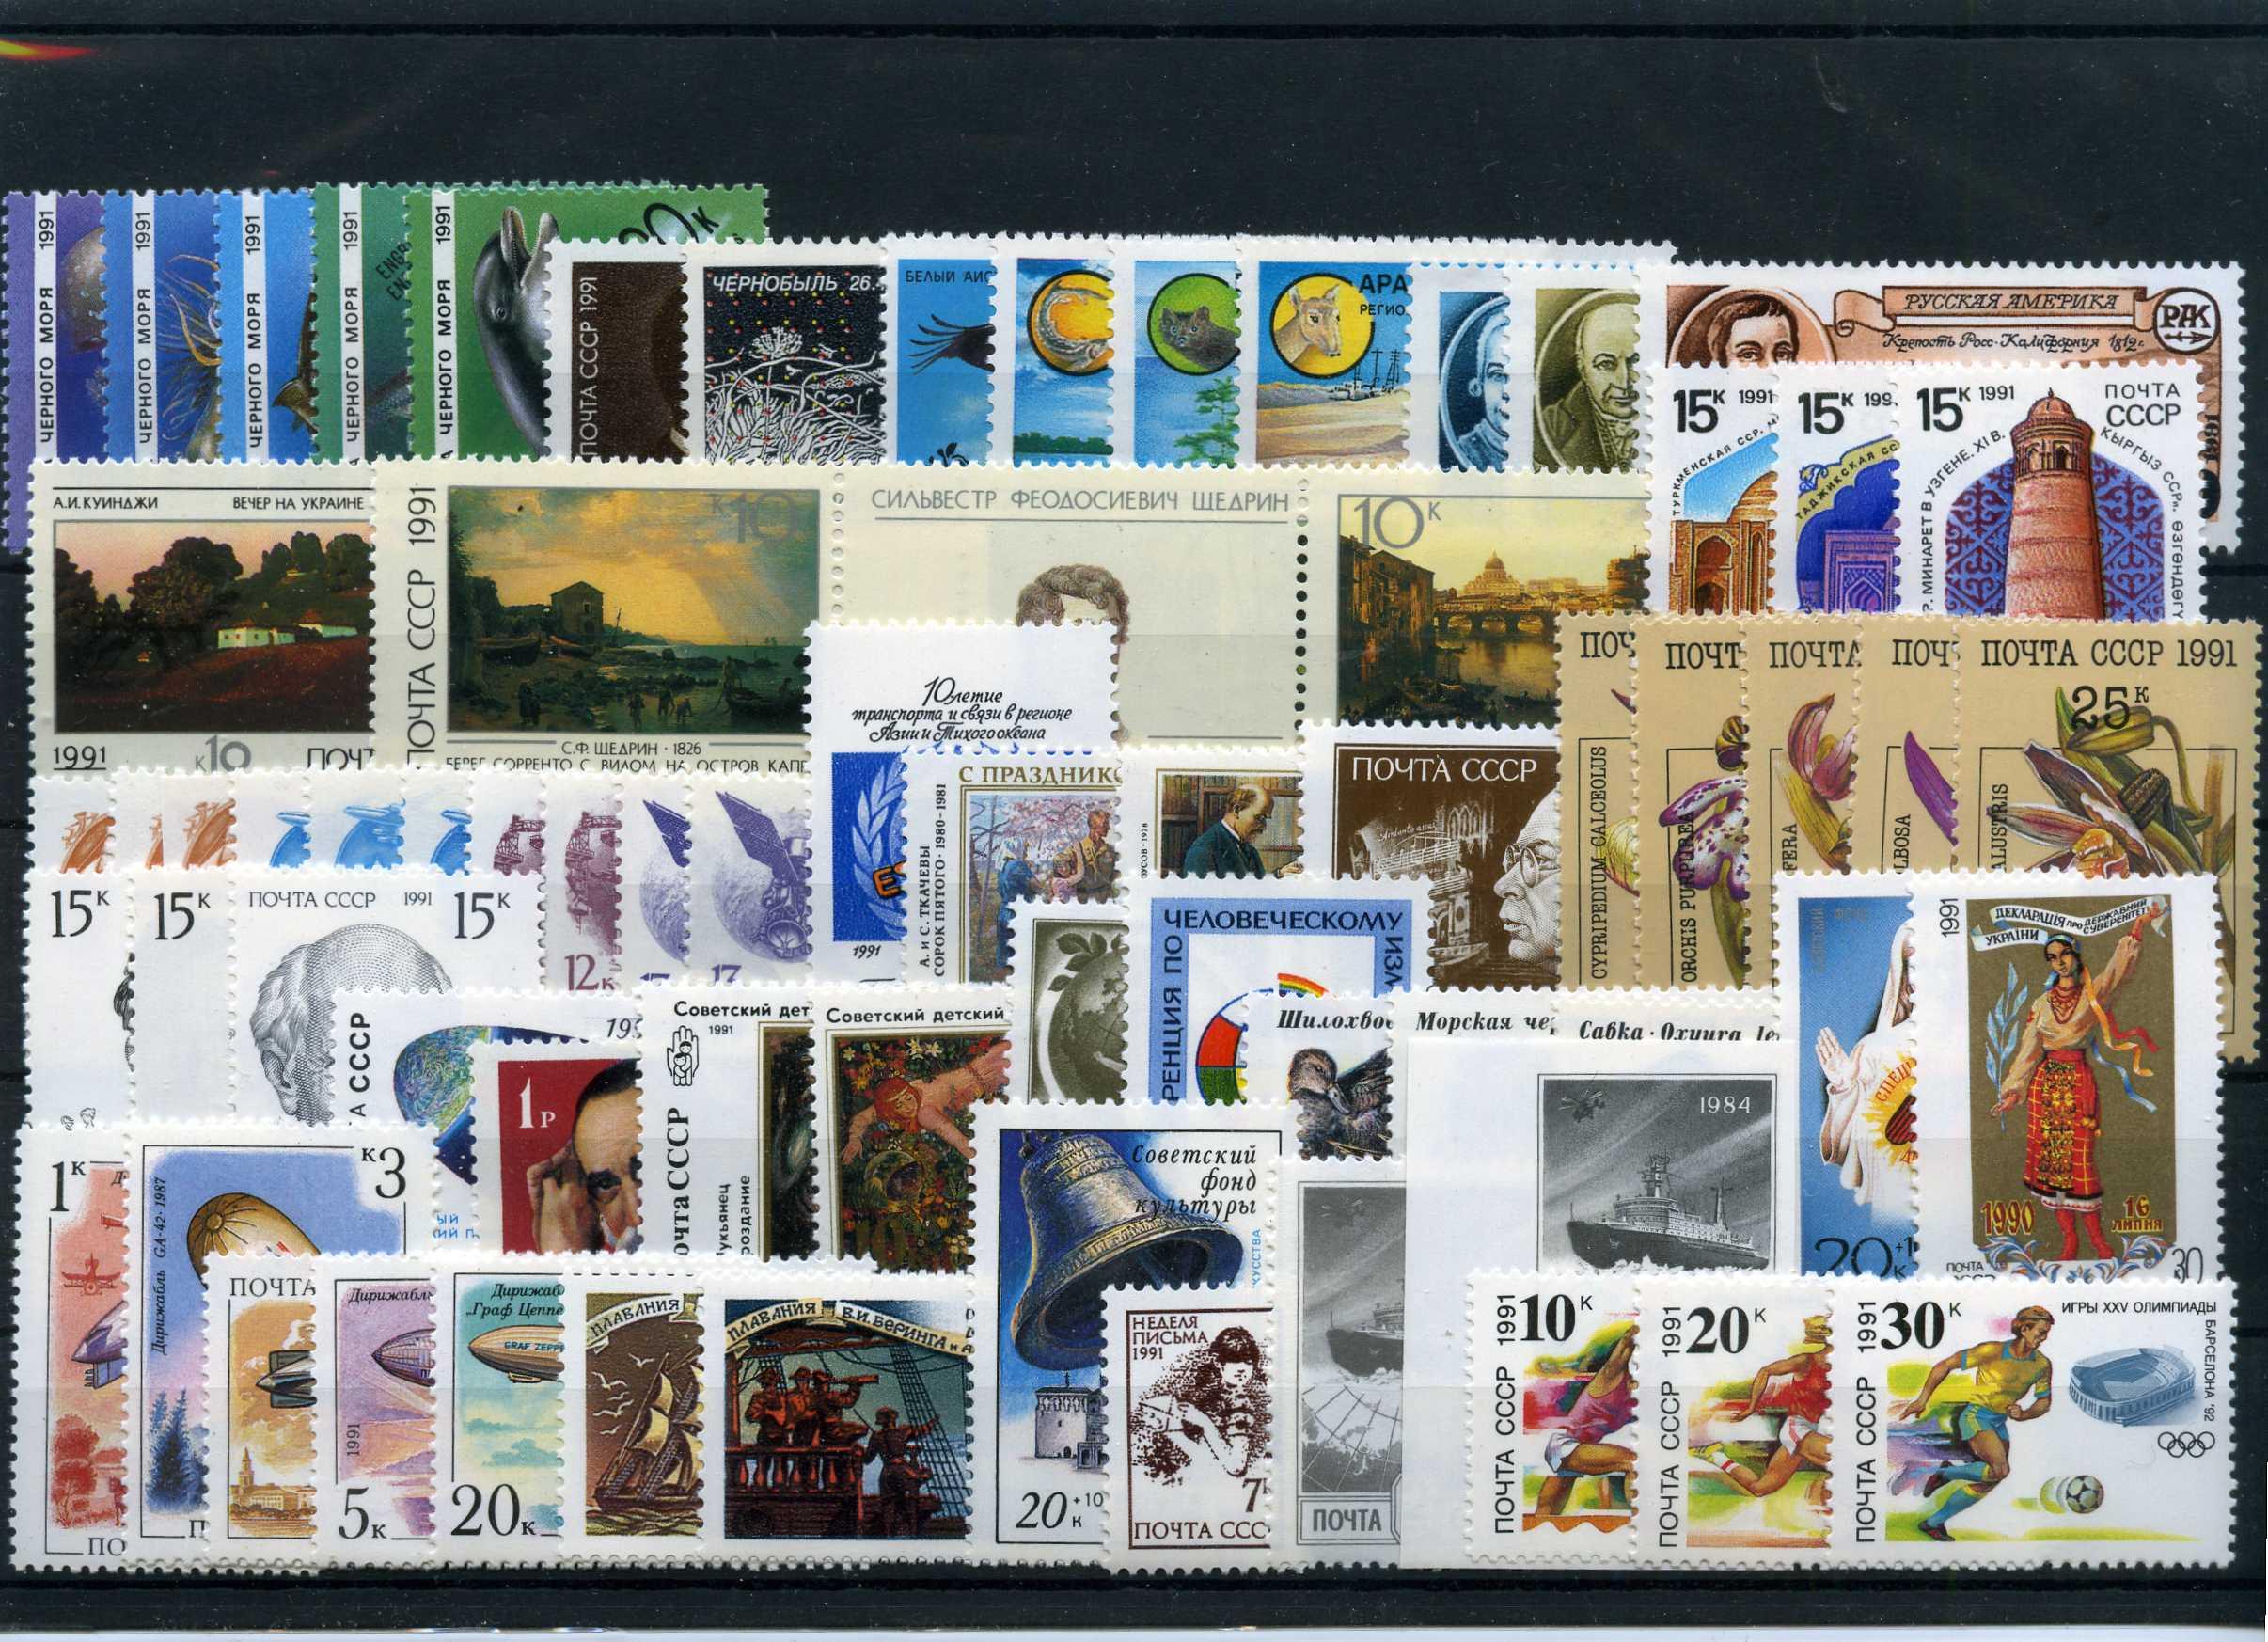 Годовой набор почтовых марок СССР 1991 год, 105 почтовых марок, 4 почтовых блока